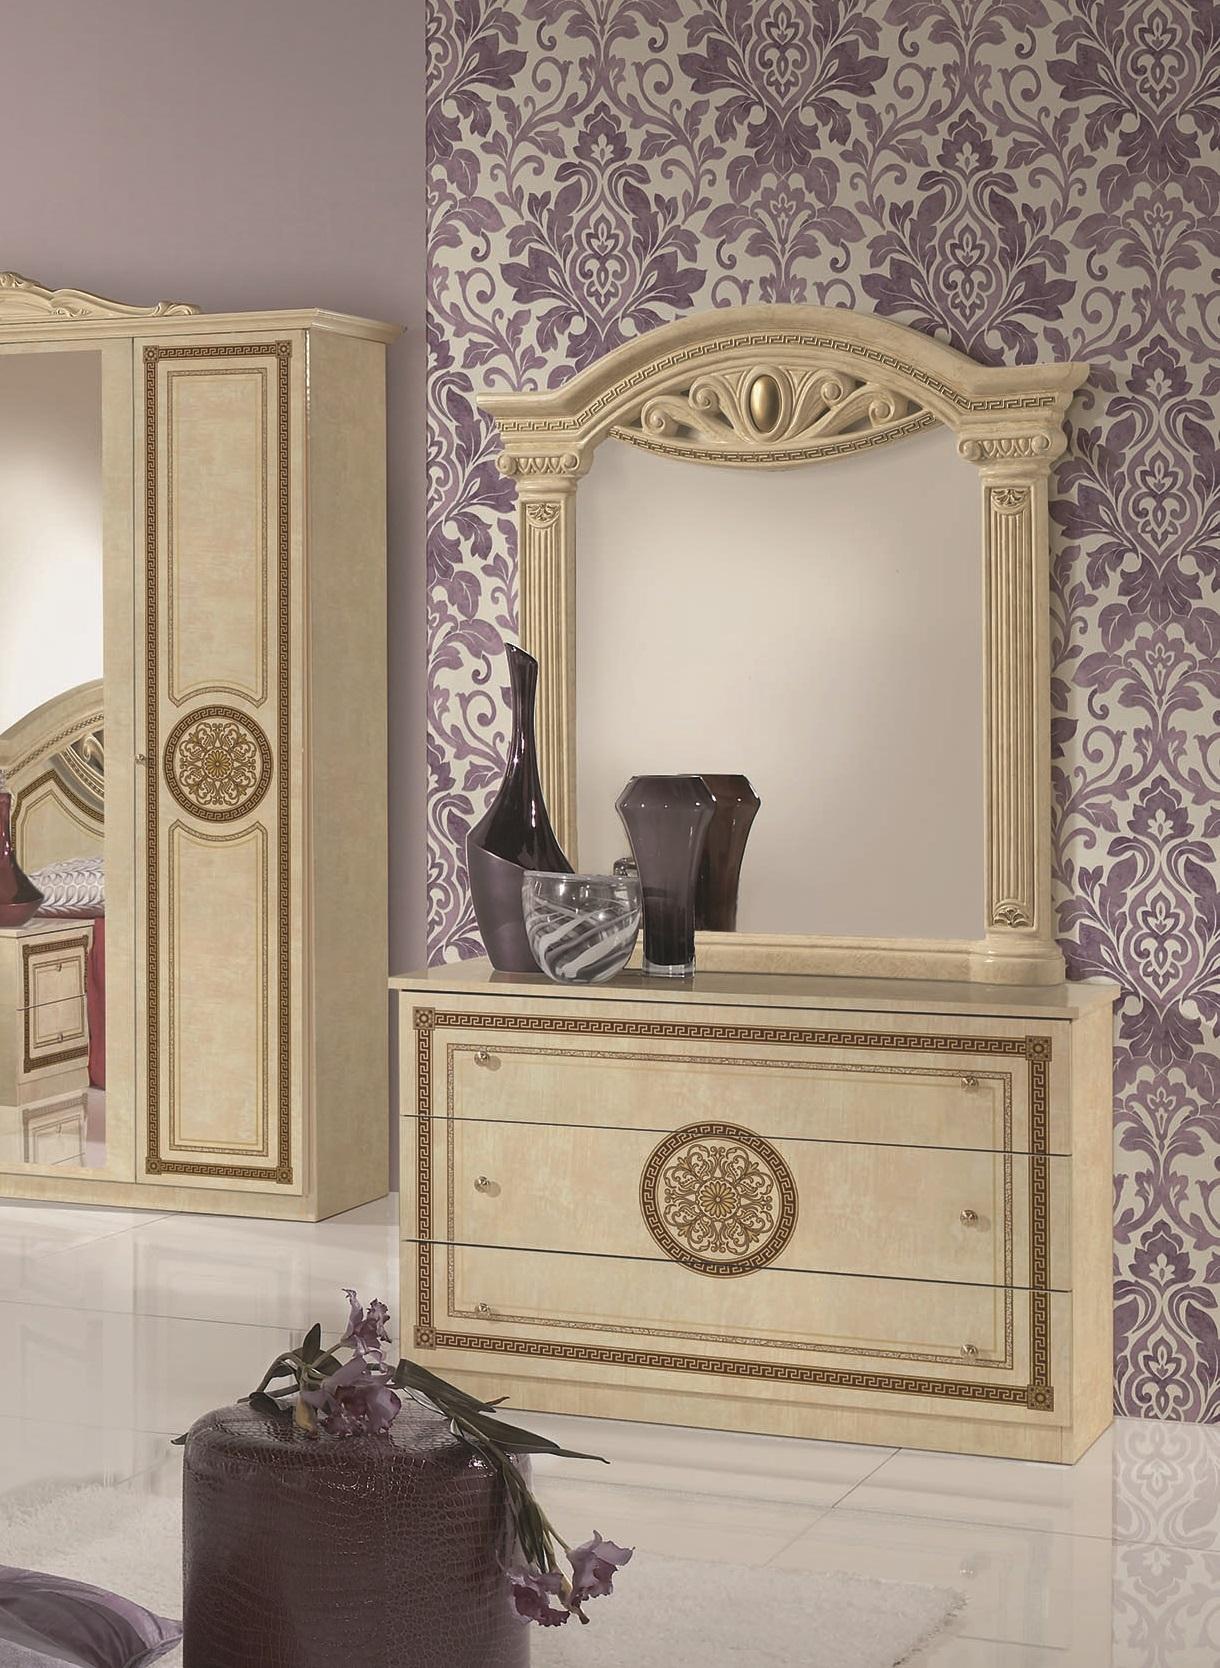 G nstiges kleiderschrank luxus kleiderschrank barock - Babyzimmer barock ...